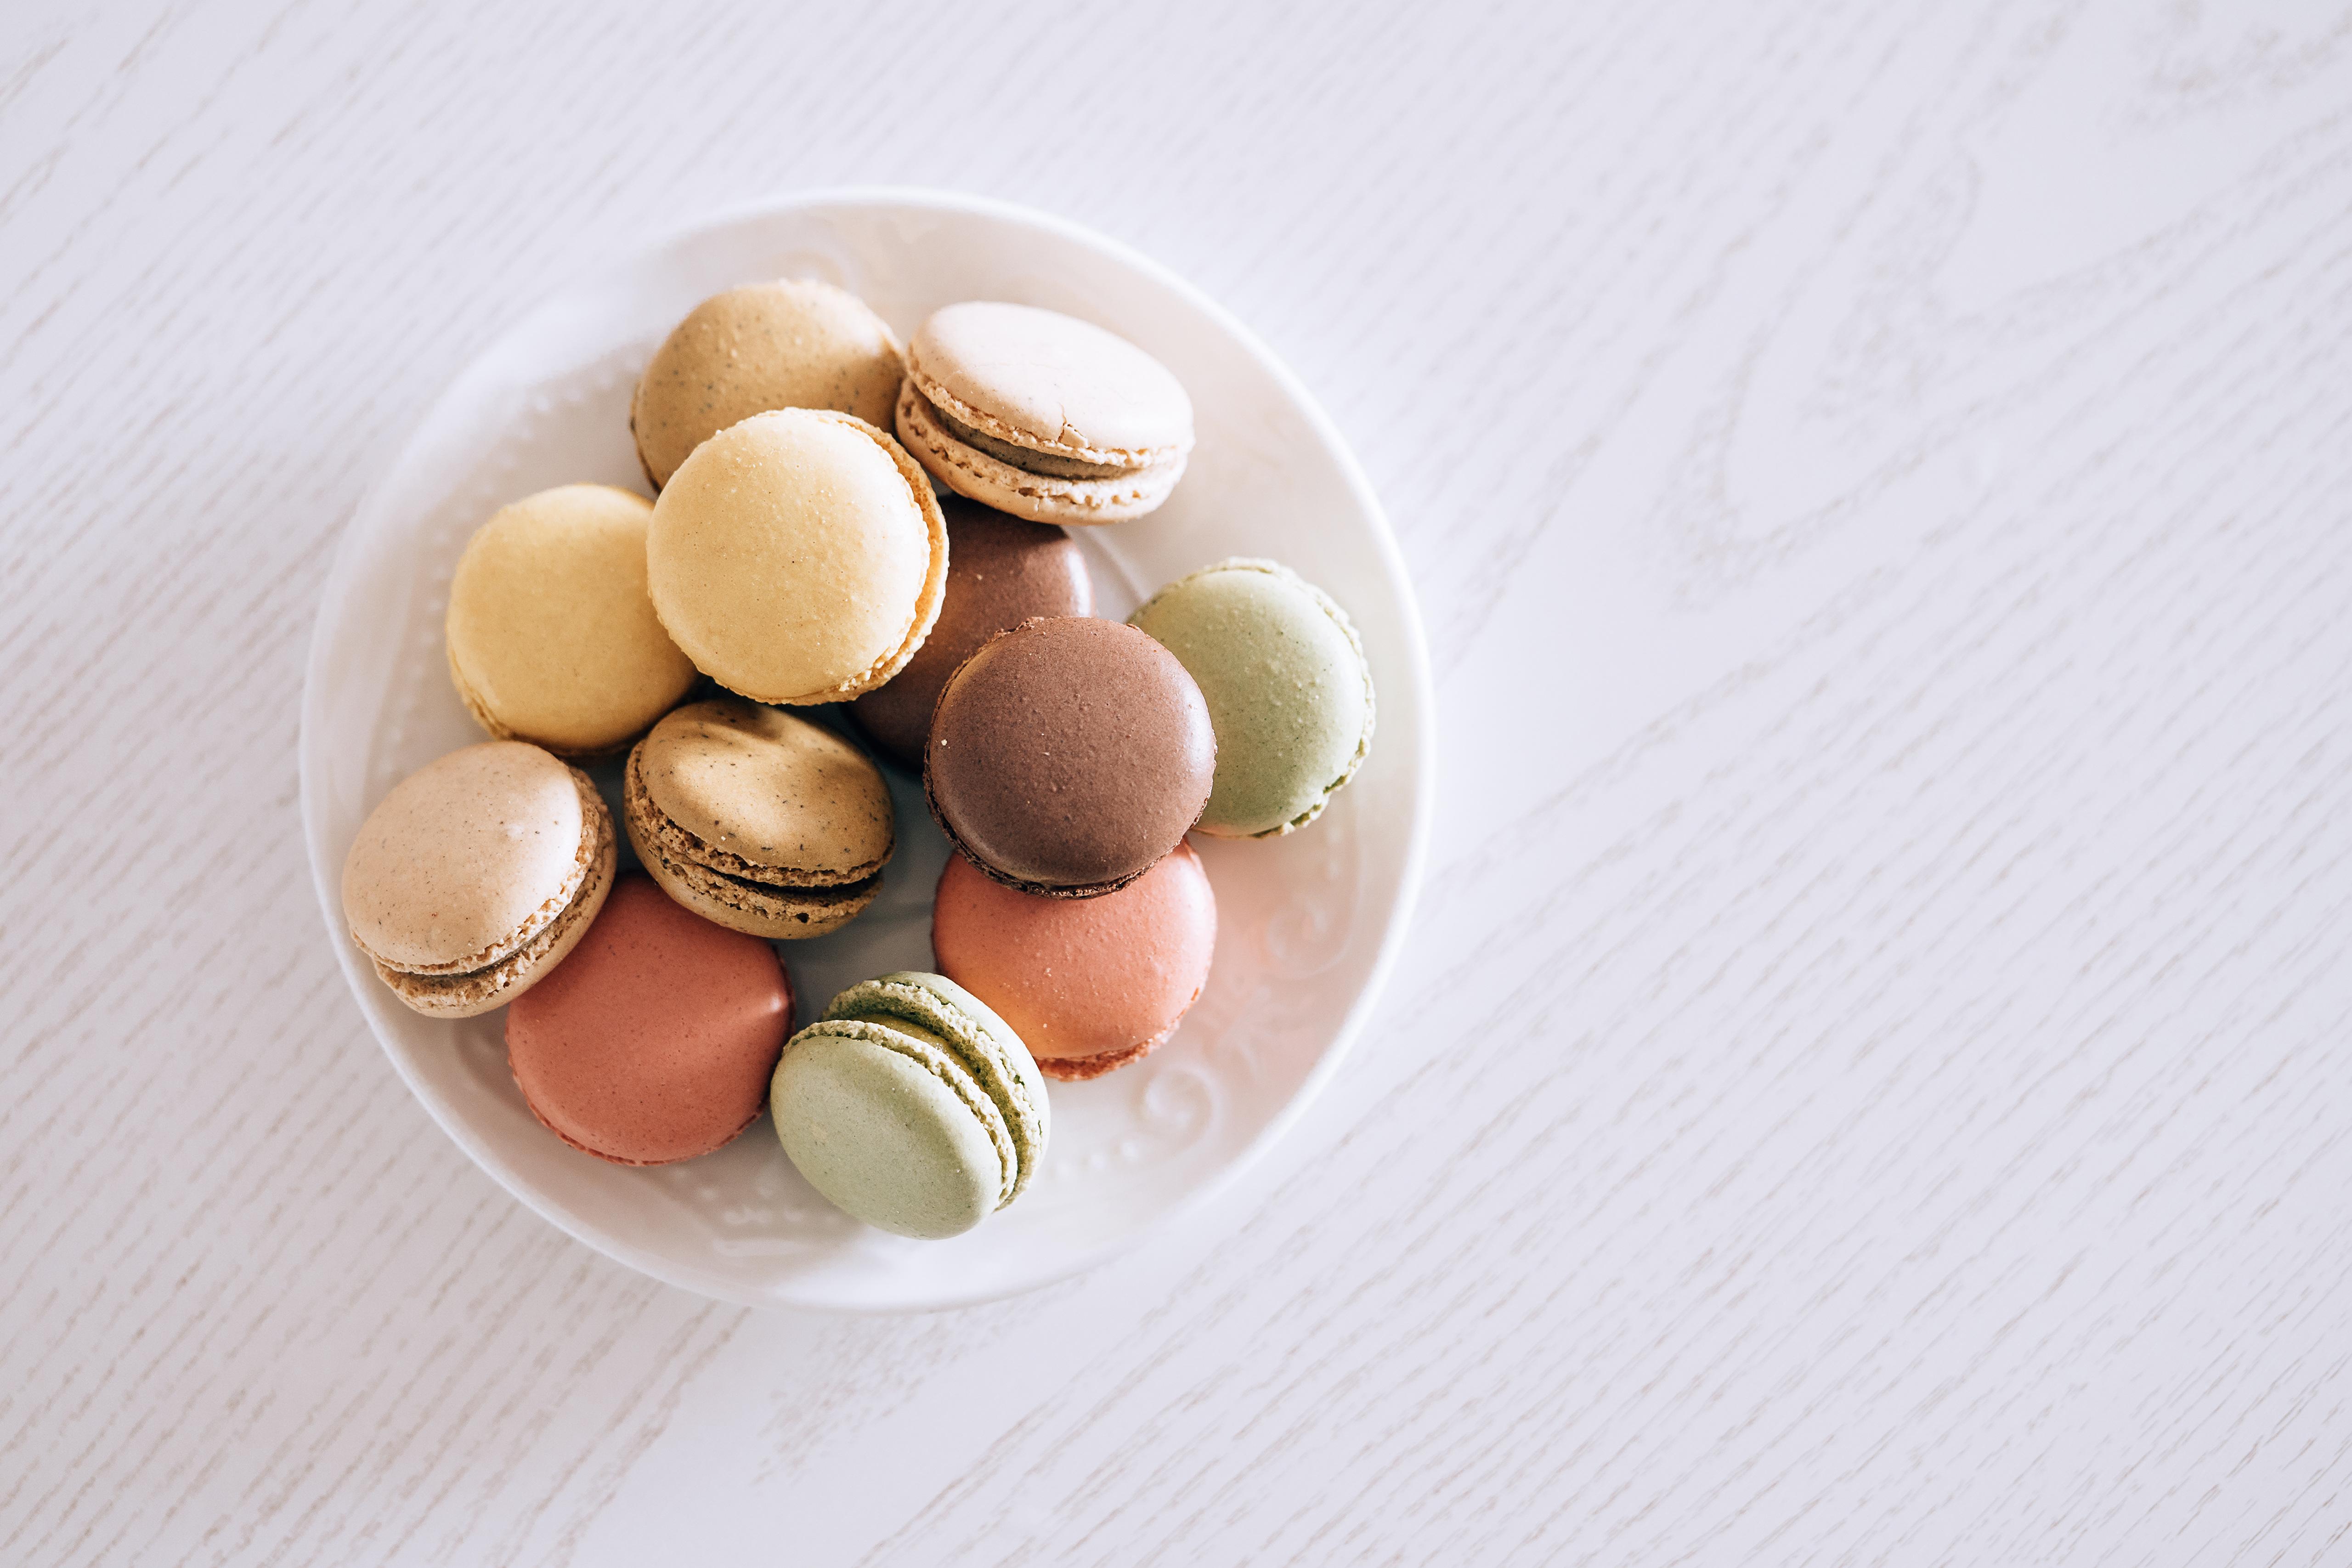 Bilder von Macaron Teller Lebensmittel 5120x3413 macarons das Essen